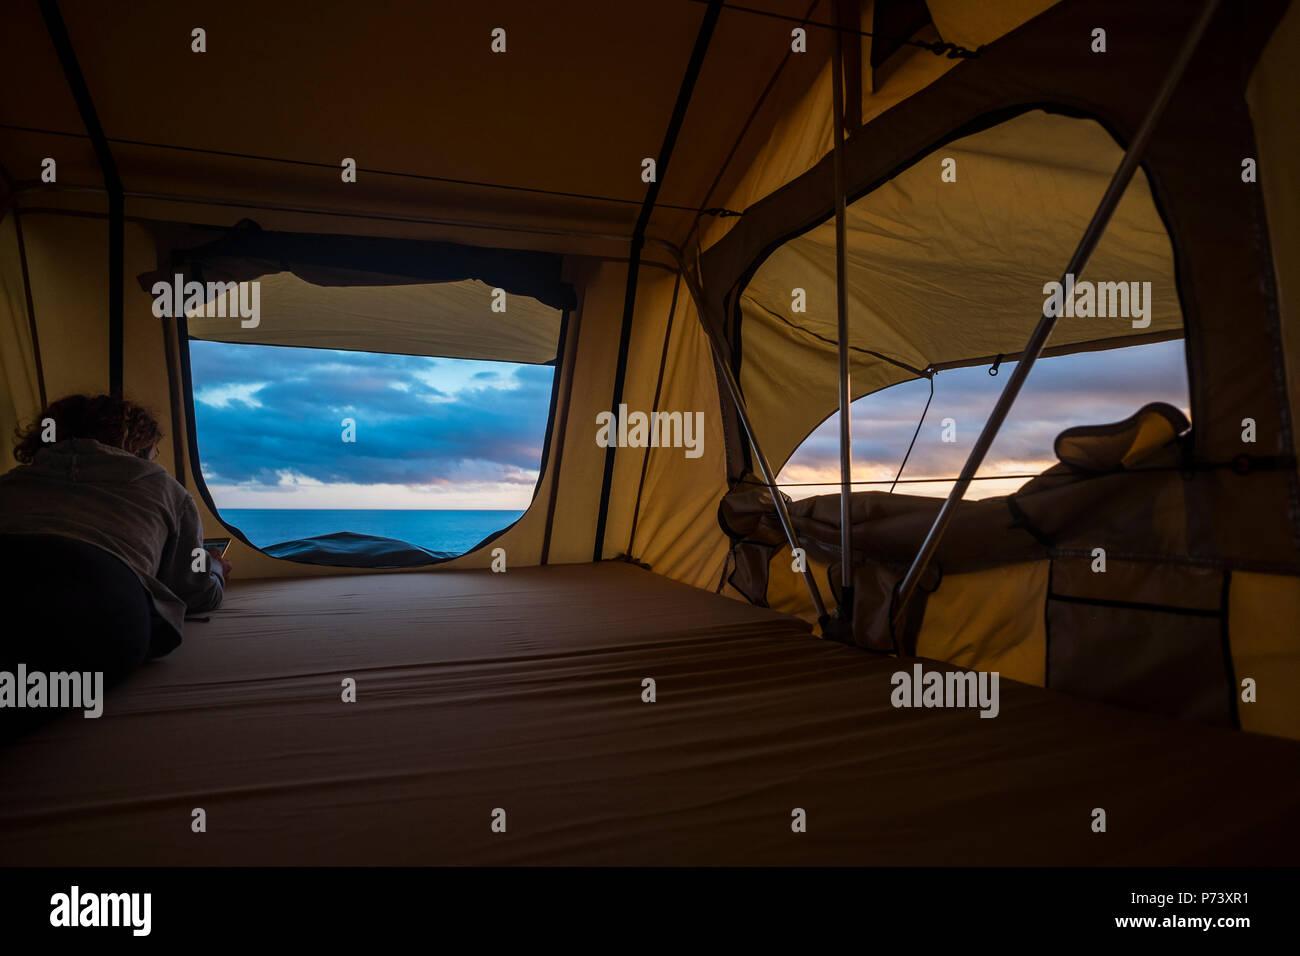 L'âge moyenne forte indépendante solitaire femme sentir la nature plein air dans une tente de toit sur la voiture. transport et le mode de vie pour de beaux concept wanderlust Photo Stock